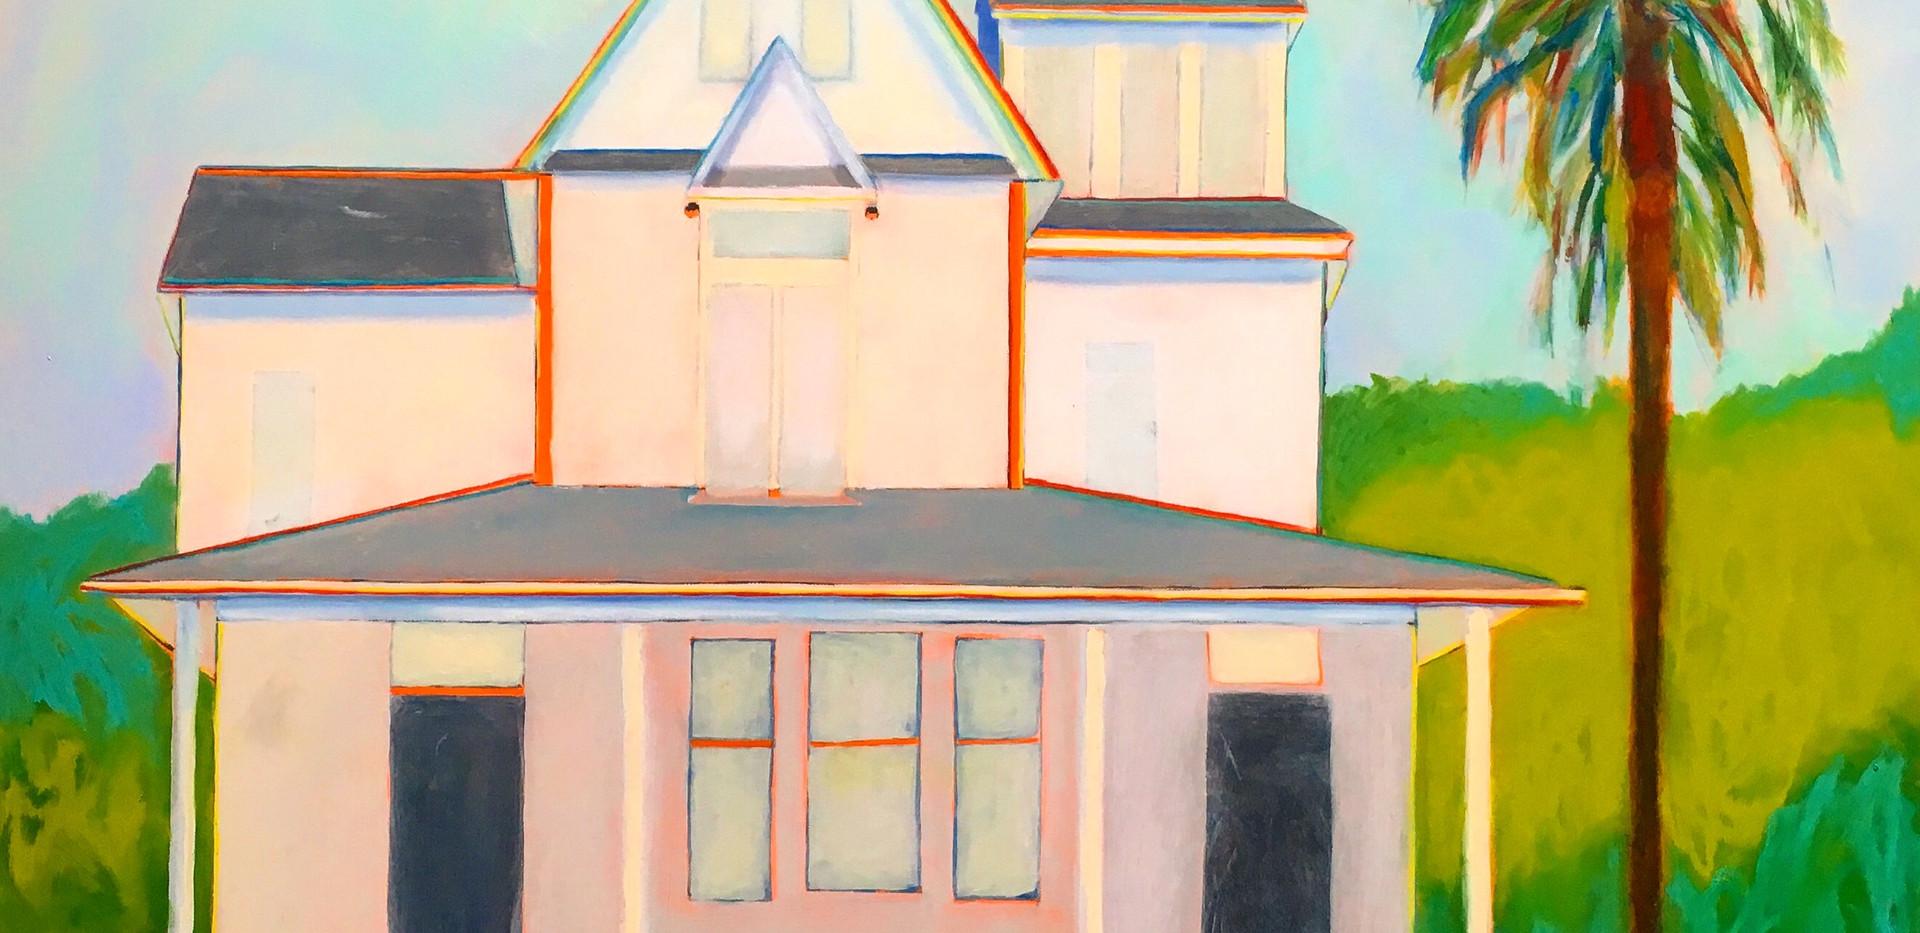 House on Harvard St, 36x36, oil on canvas, $1500